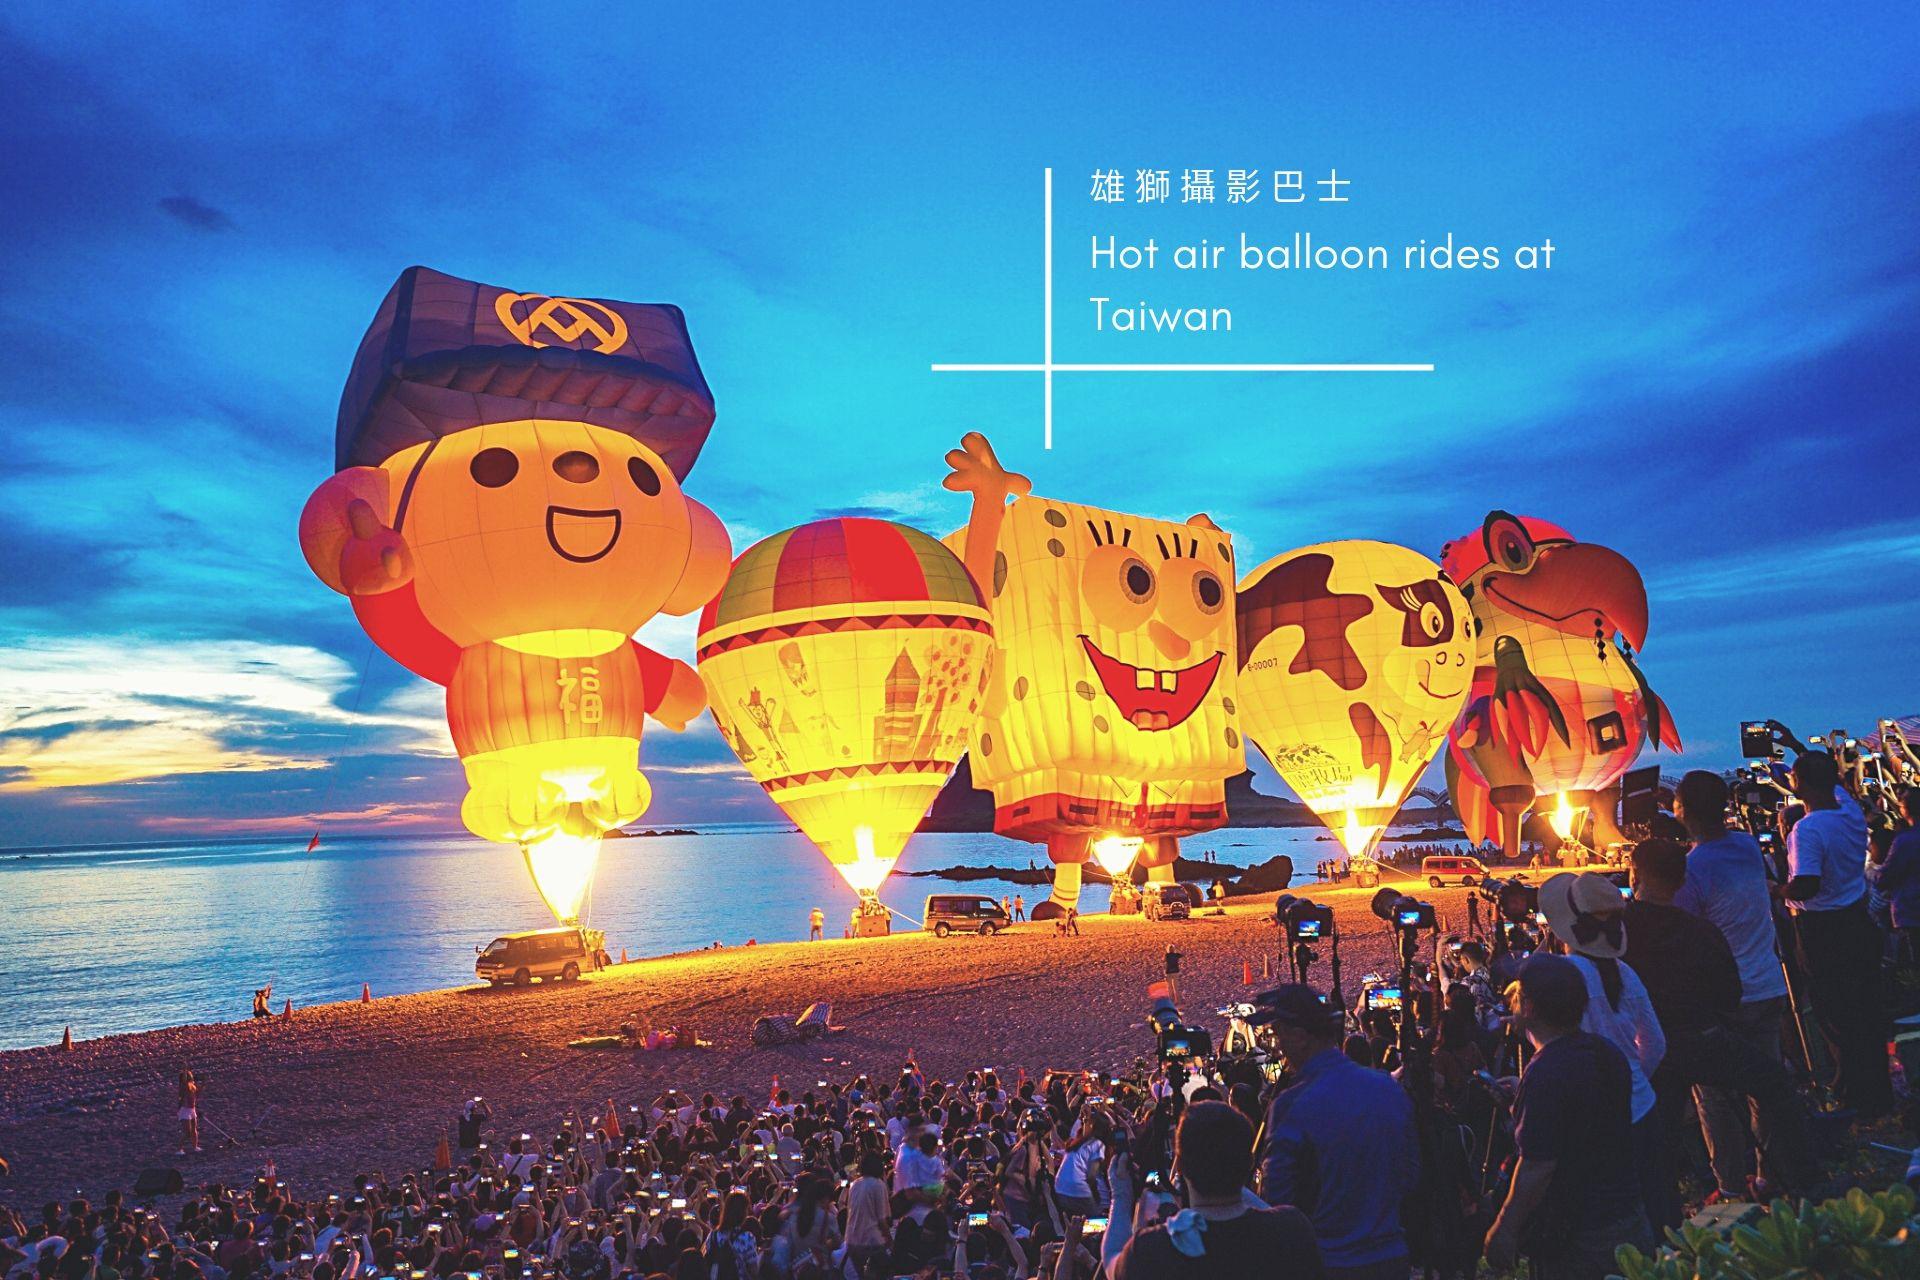 雄獅攝影巴士|台東攝影巴士初體驗(三仙台日出+熱氣球光雕+客城橋火車)